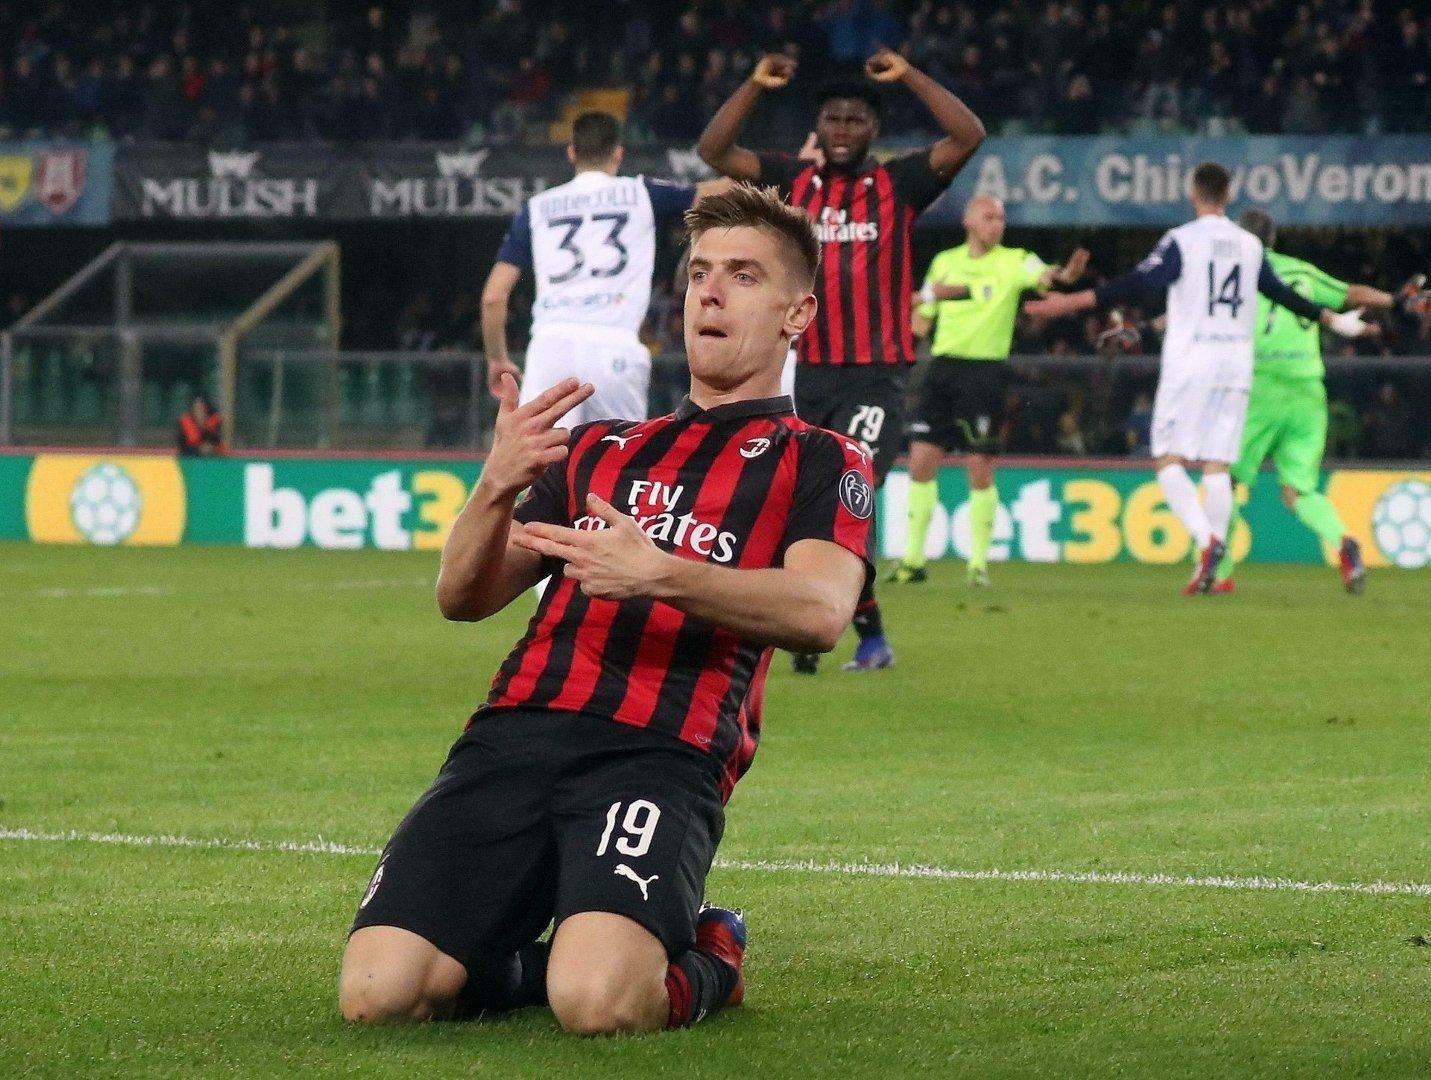 212e9ecc8 Mecz AC Milan - Inter Mediolan ONLINE. Gdzie oglądać w telewizji?  TRANSMISJA TV NA